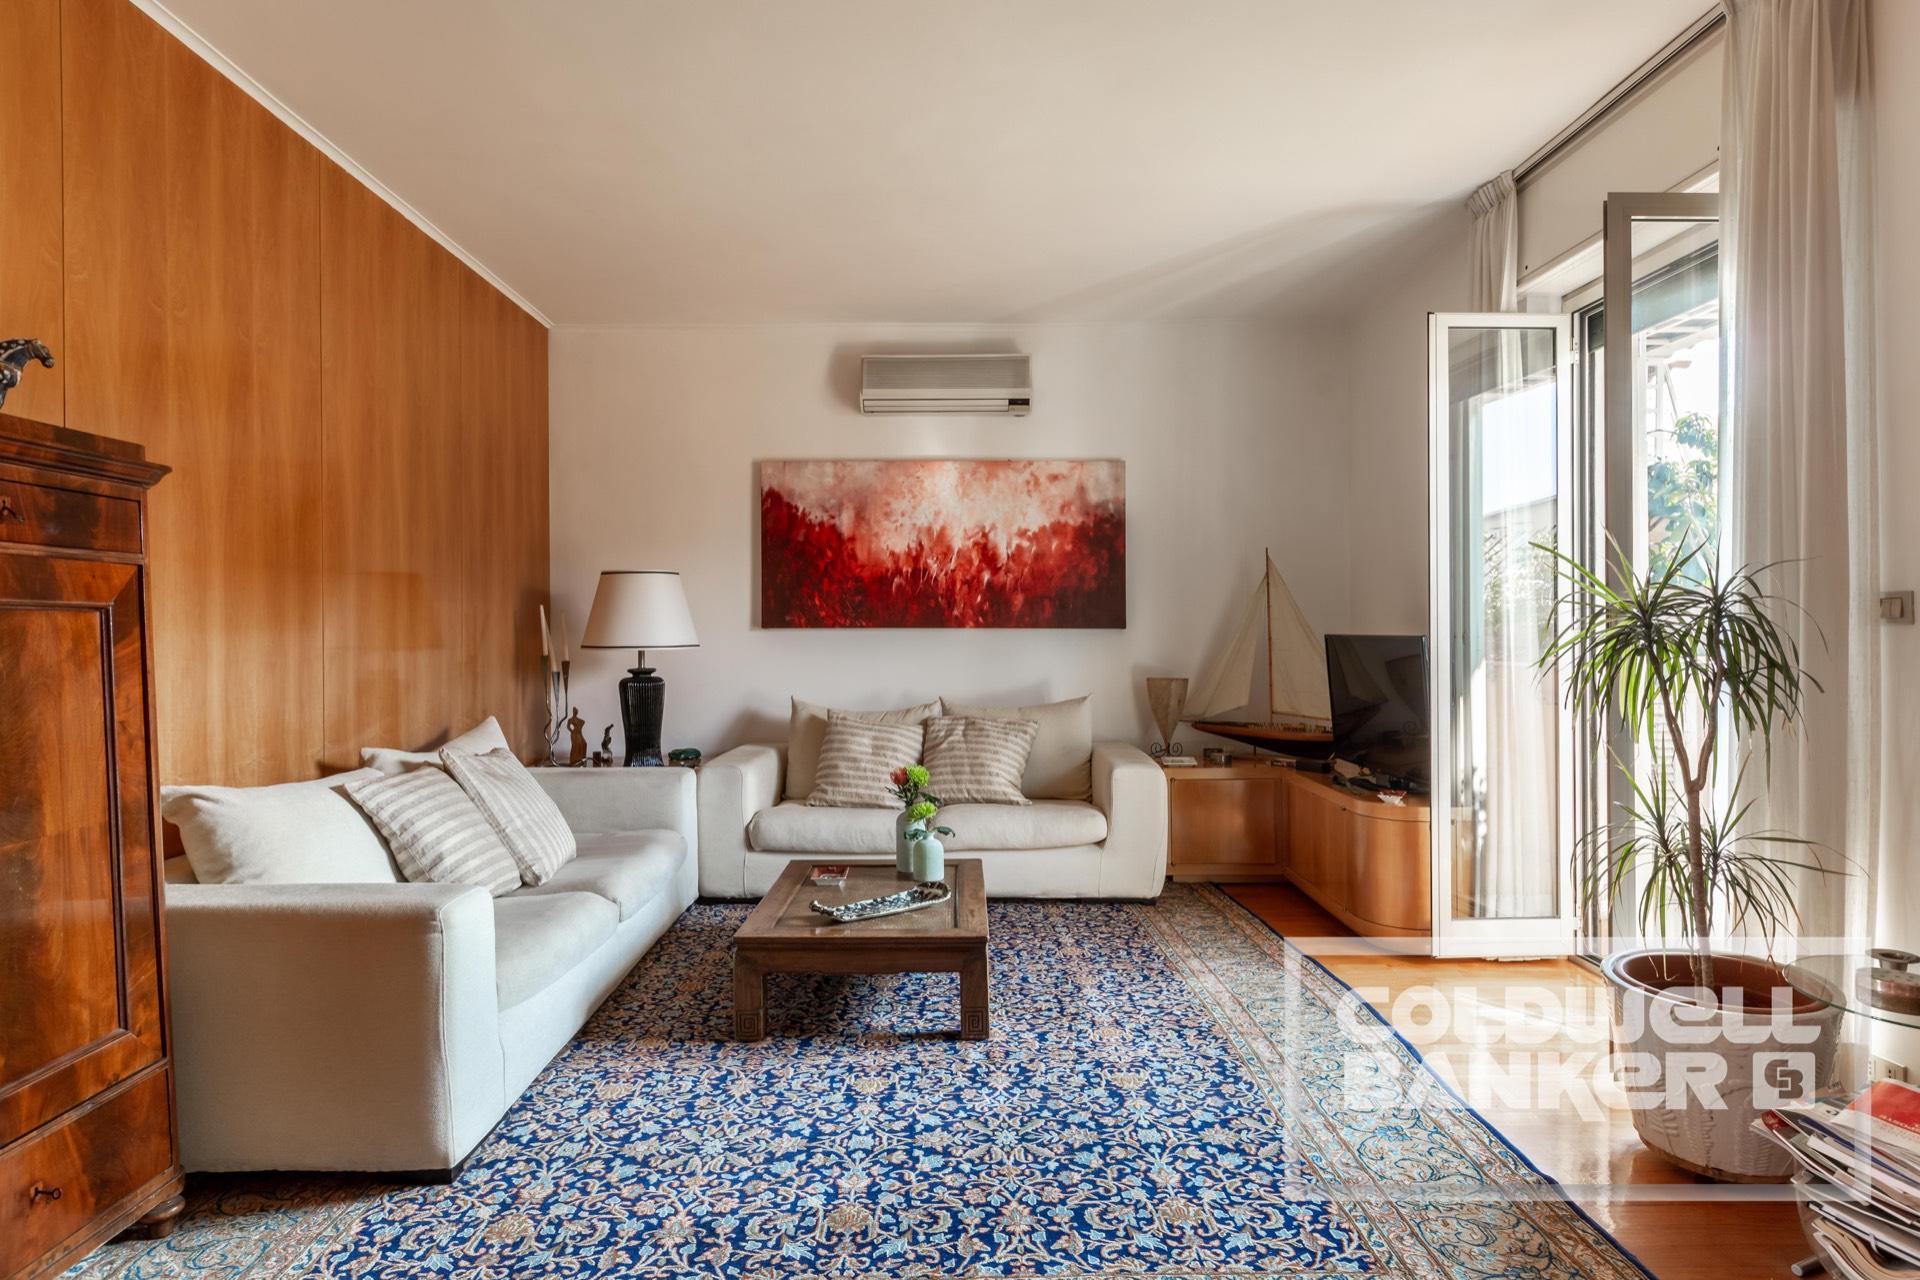 Attico / Mansarda in vendita a Roma, 3 locali, zona Zona: 2 . Flaminio, Parioli, Pinciano, Villa Borghese, prezzo € 610.000 | CambioCasa.it